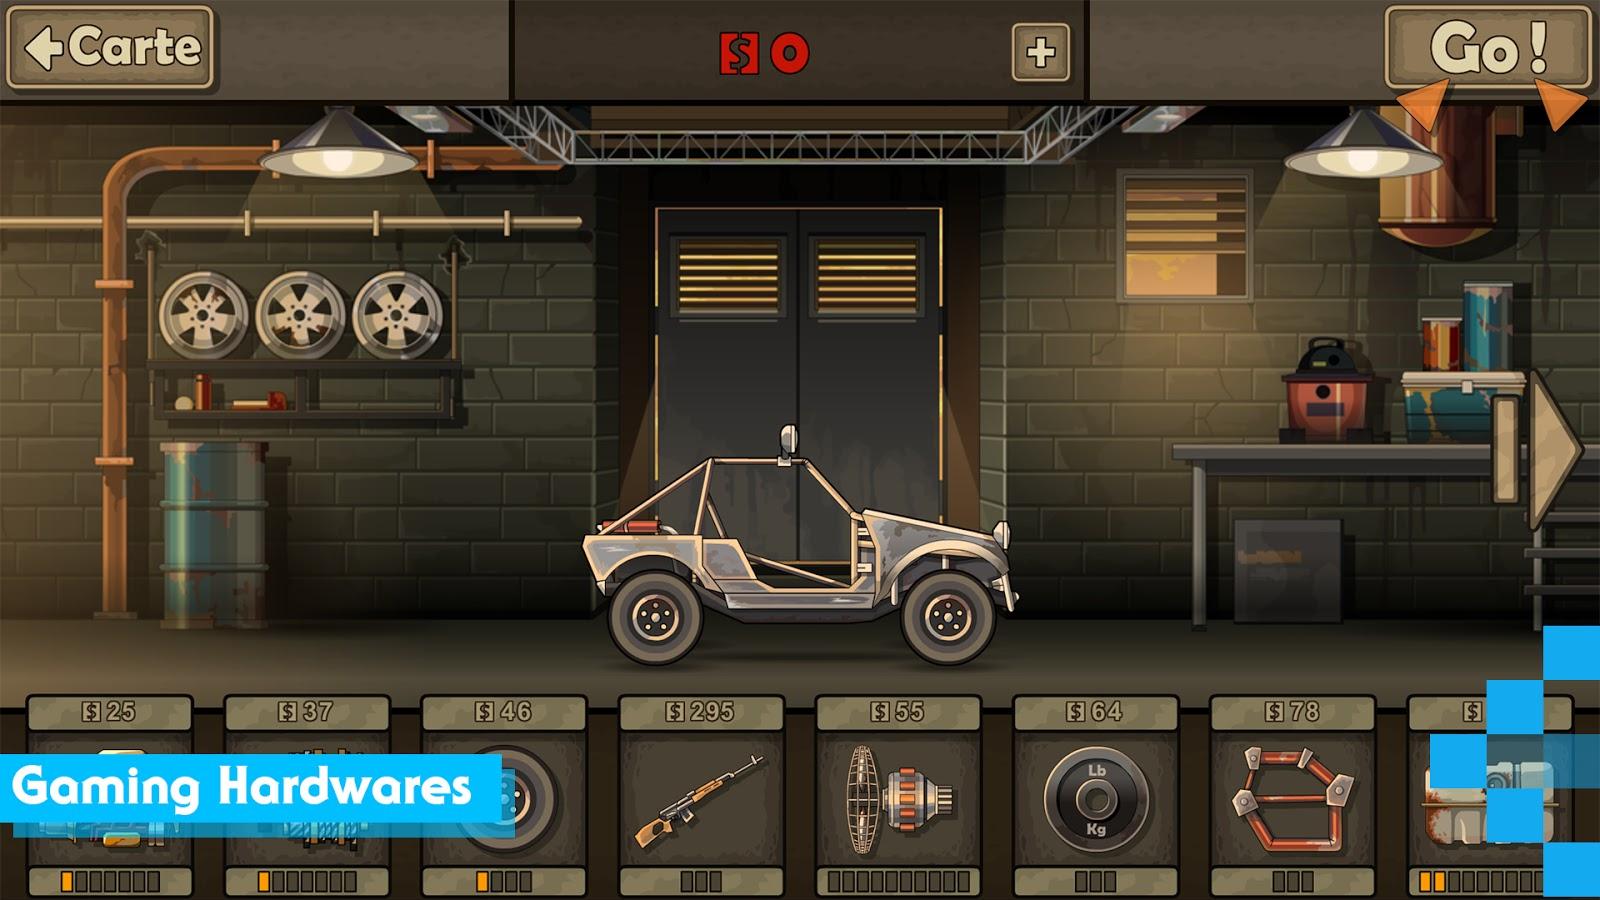 لعبة سيارات للأندرويد